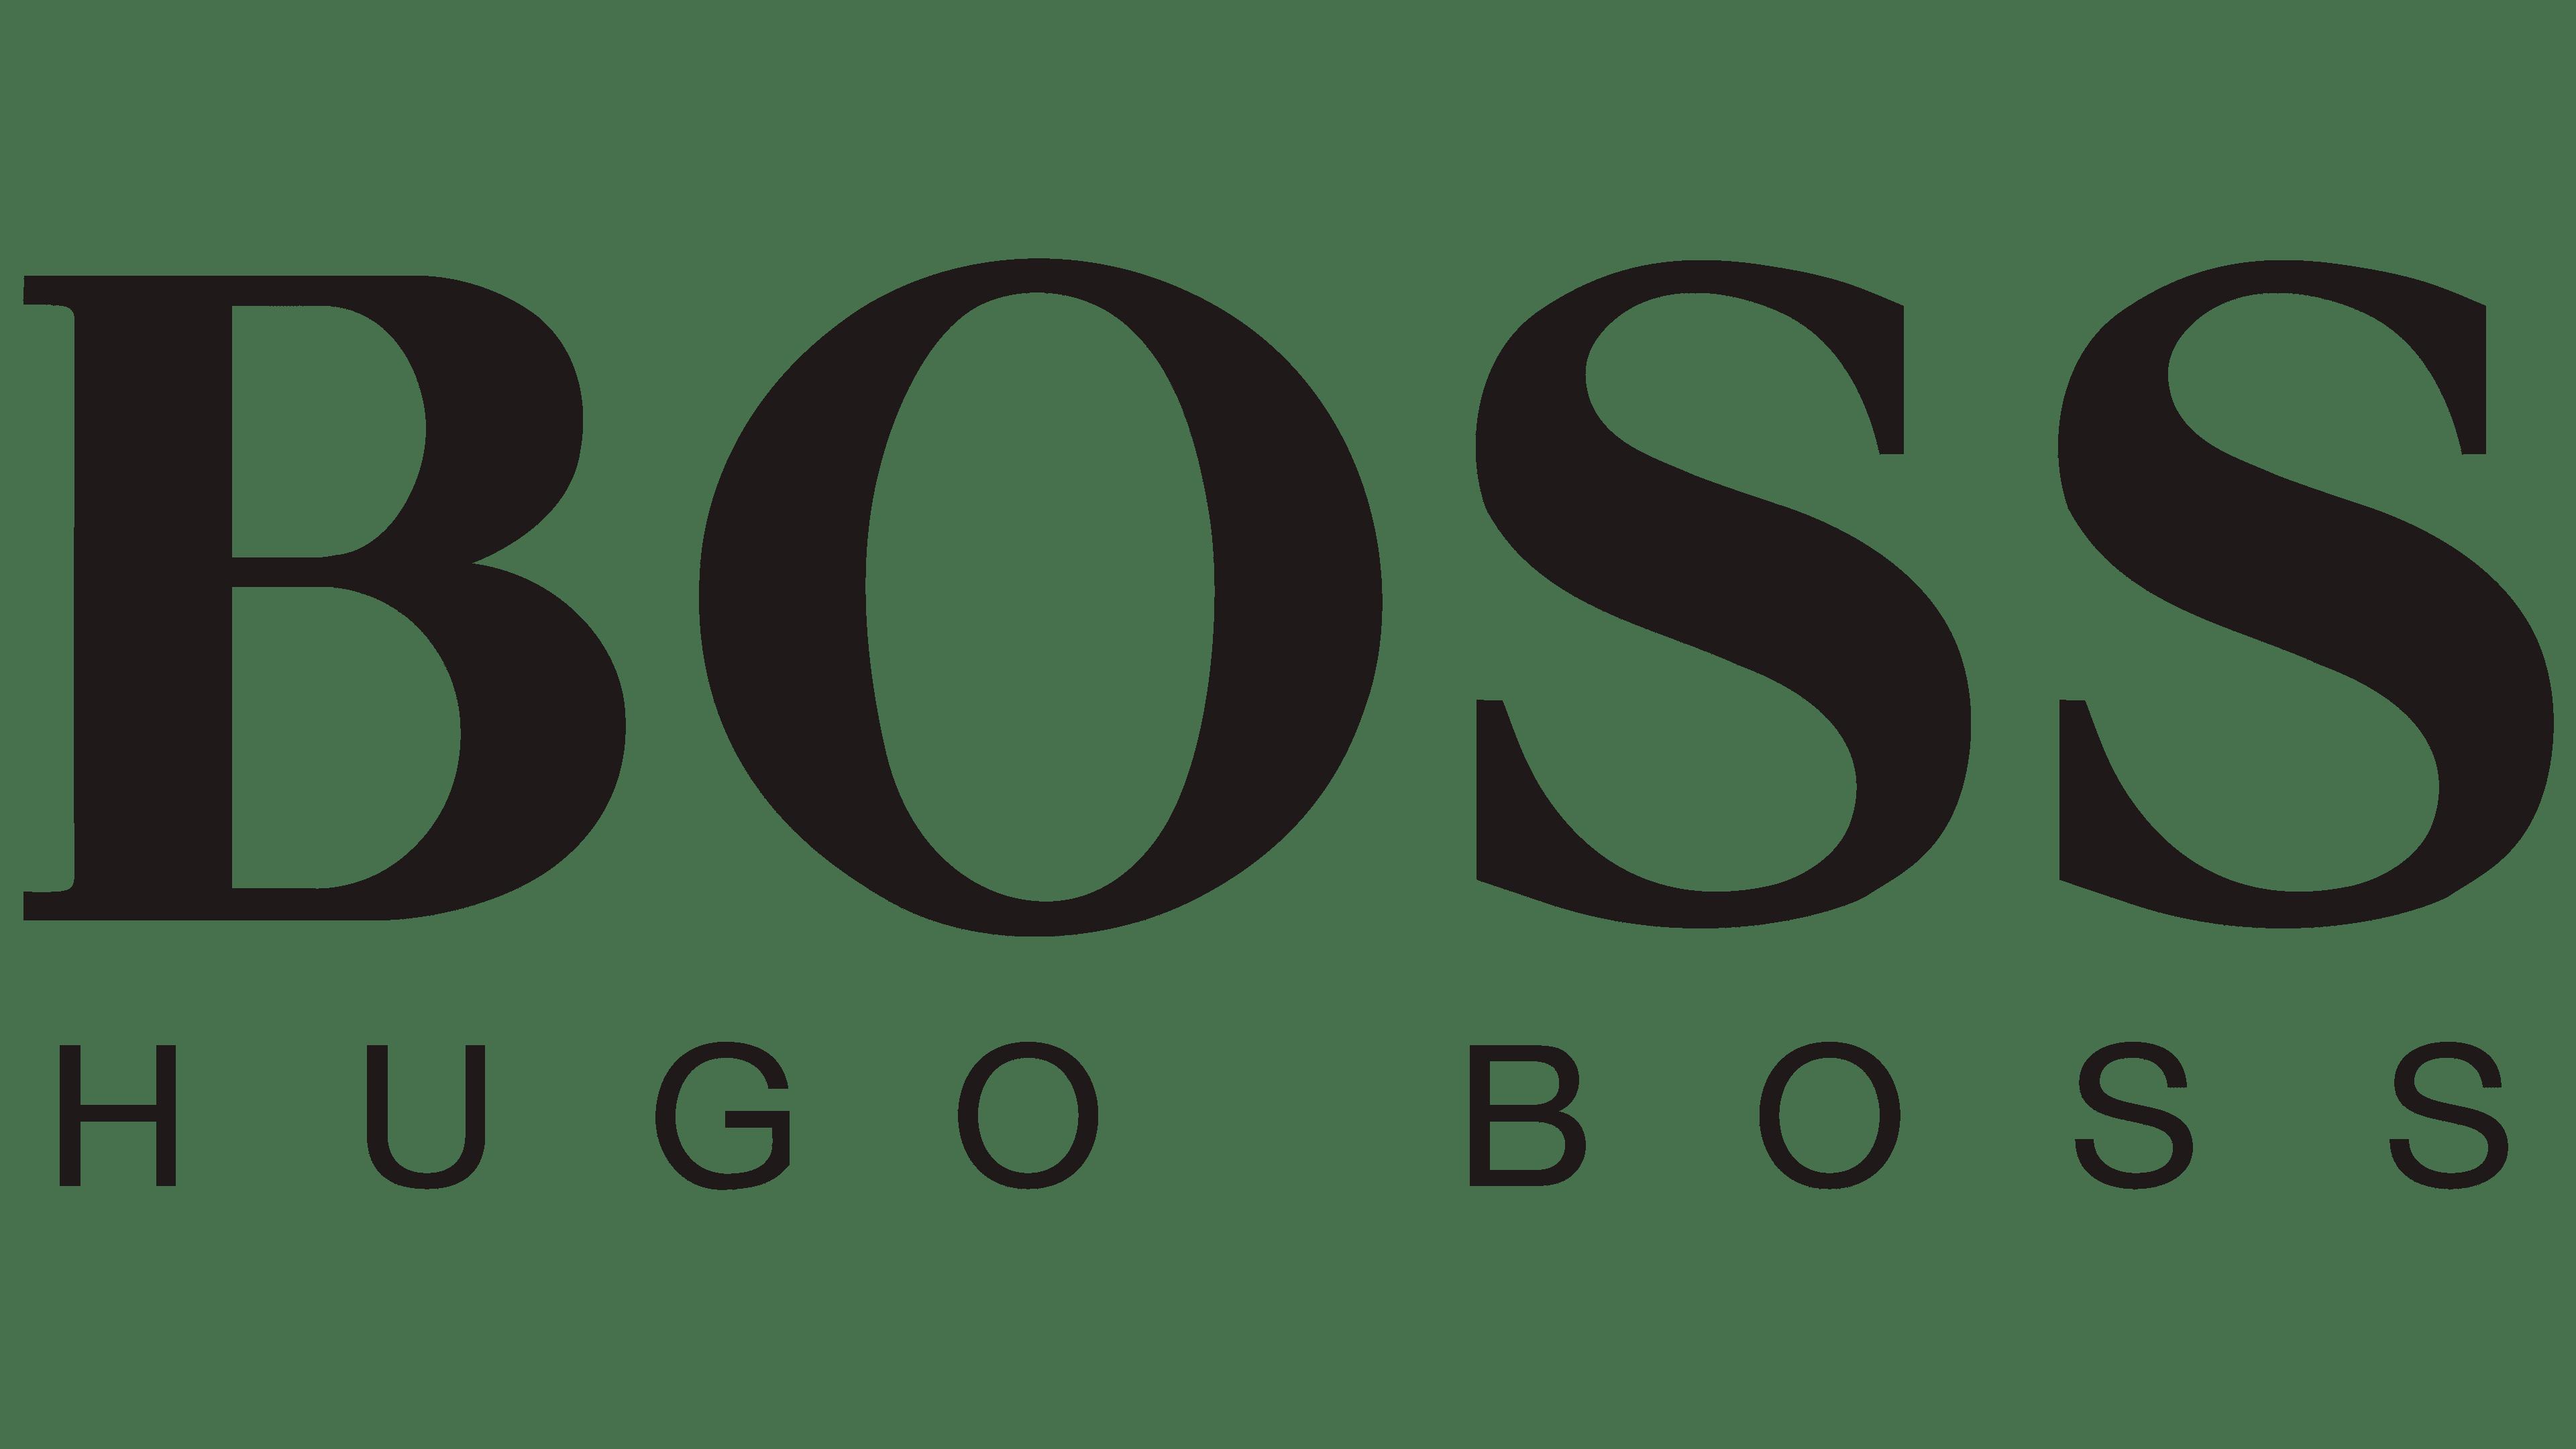 هيوغو بوس - hugo boss